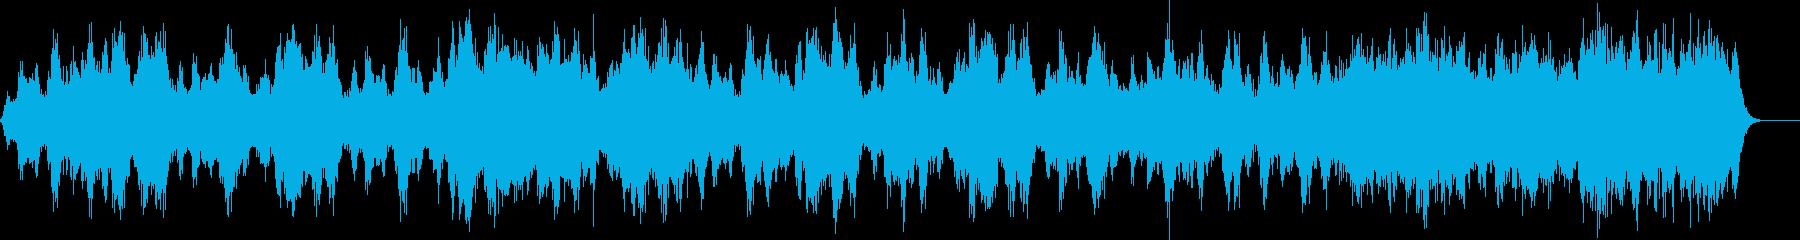 不気味な水の音のホラーアンビエントの再生済みの波形